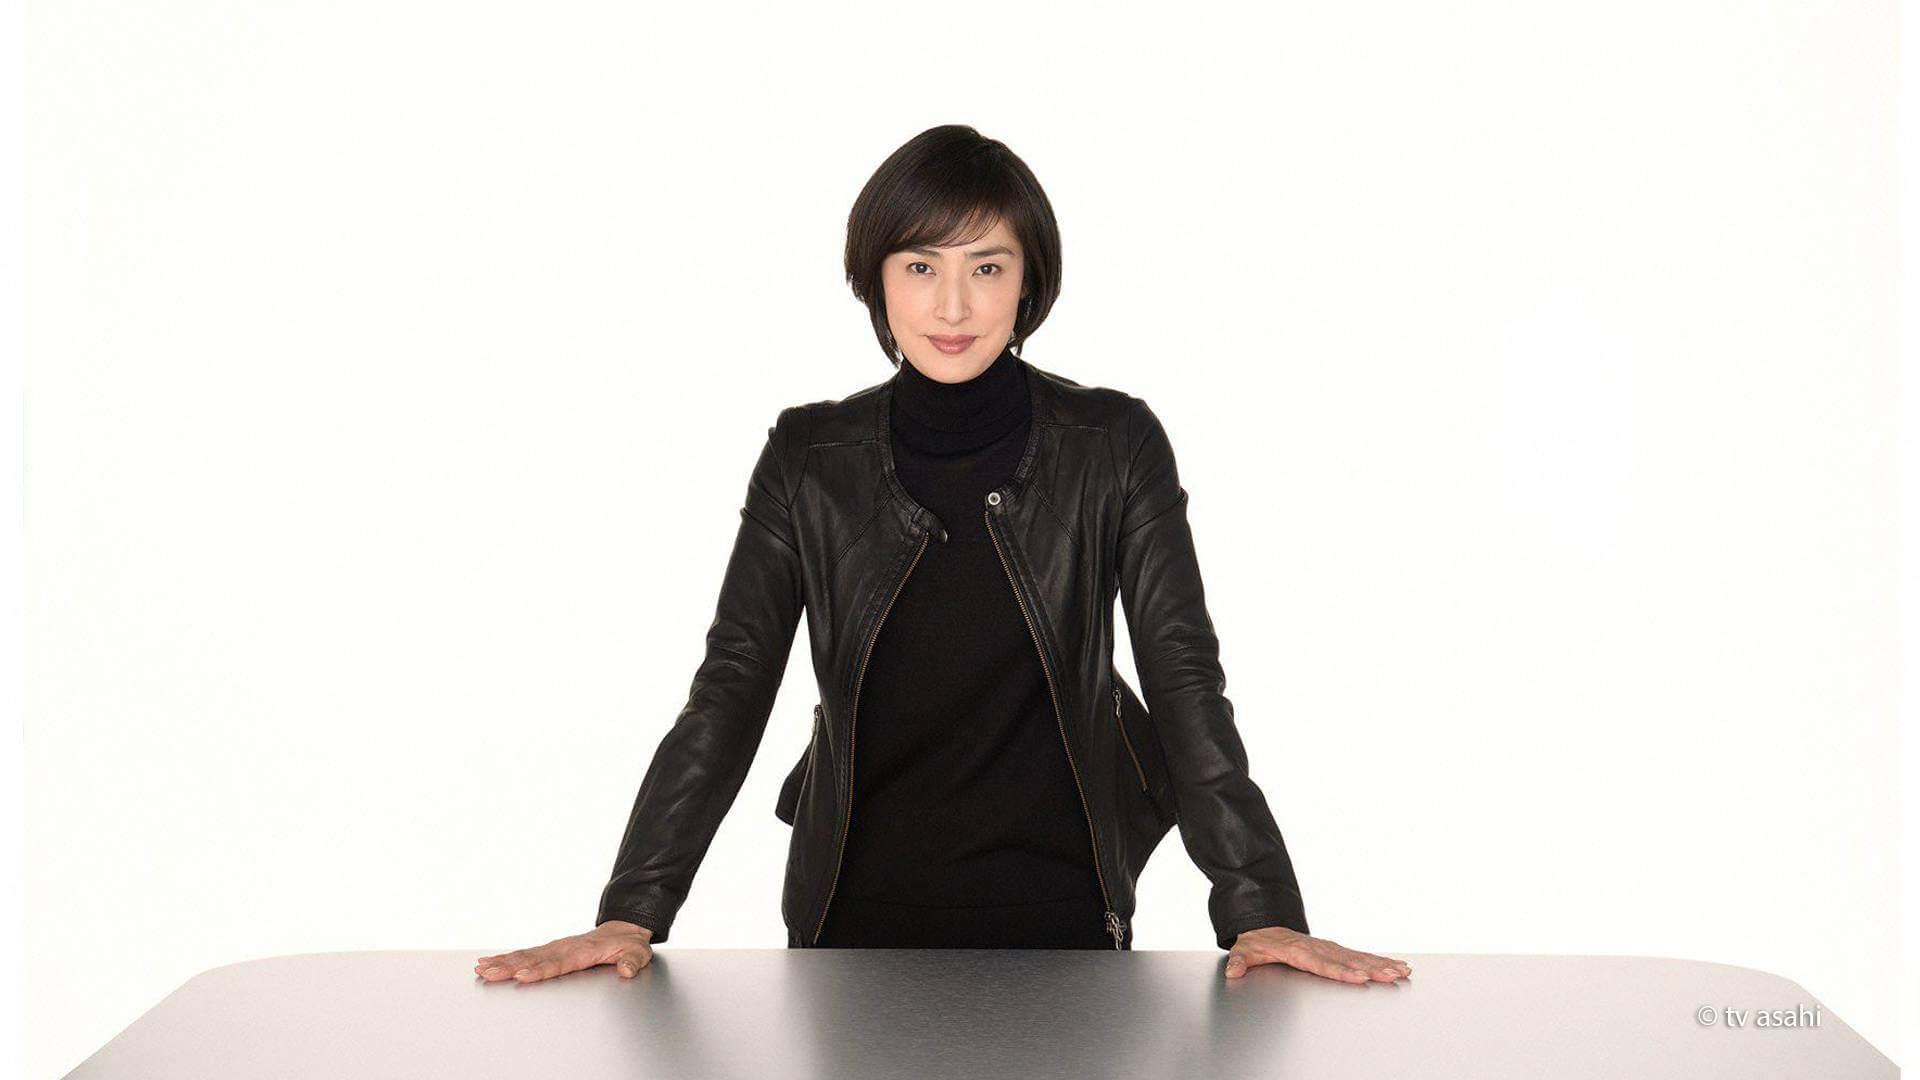 天海祐希主演《女王偵訊室》第2季開播 首集收視率17.9%稱冠